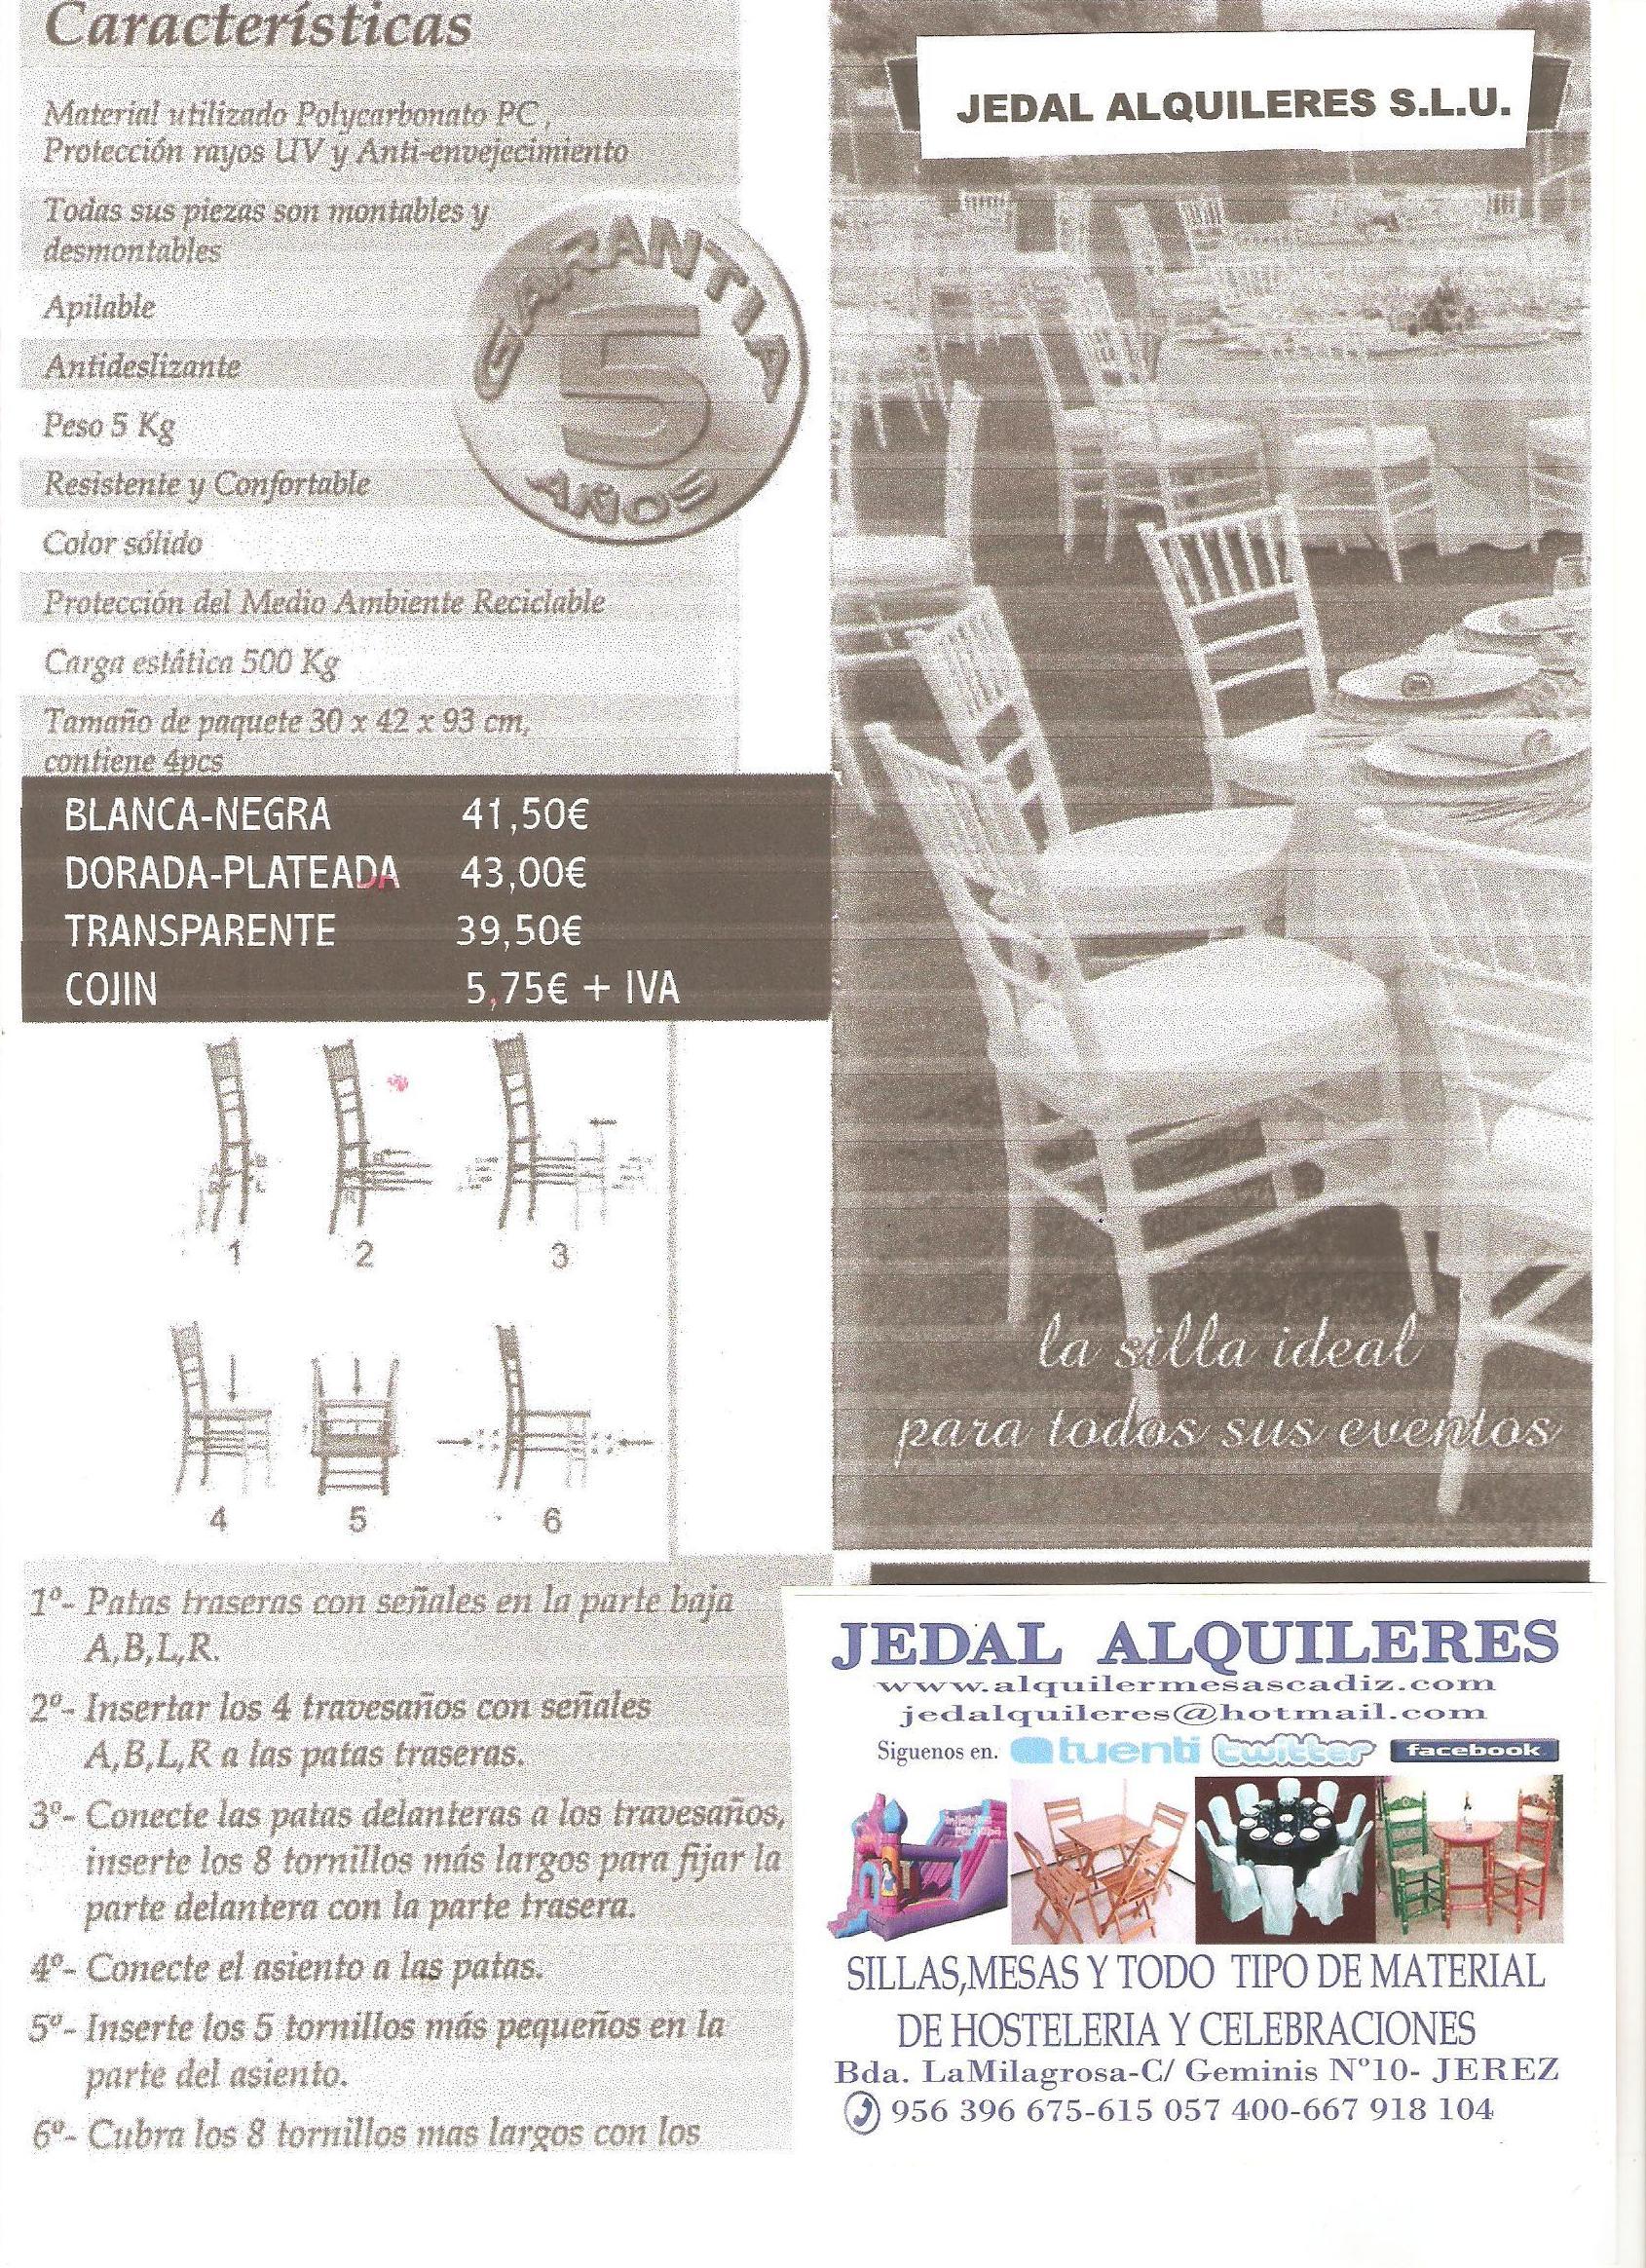 JEDAL ALQUILERES S.L.U. VENTA: Catálogo de Jedal Alquileres